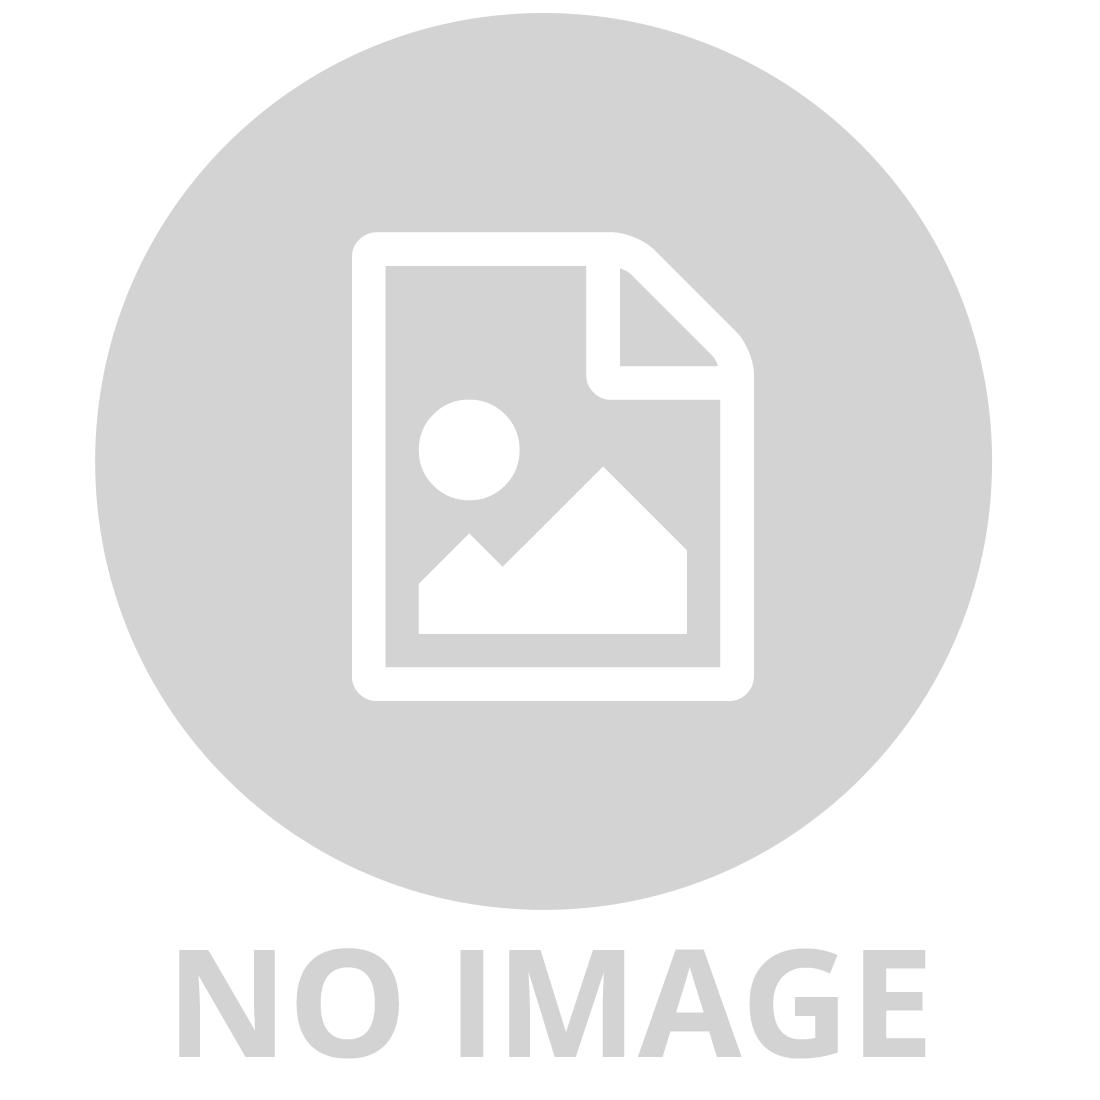 RED EXPLORE BICYCLE HELMET